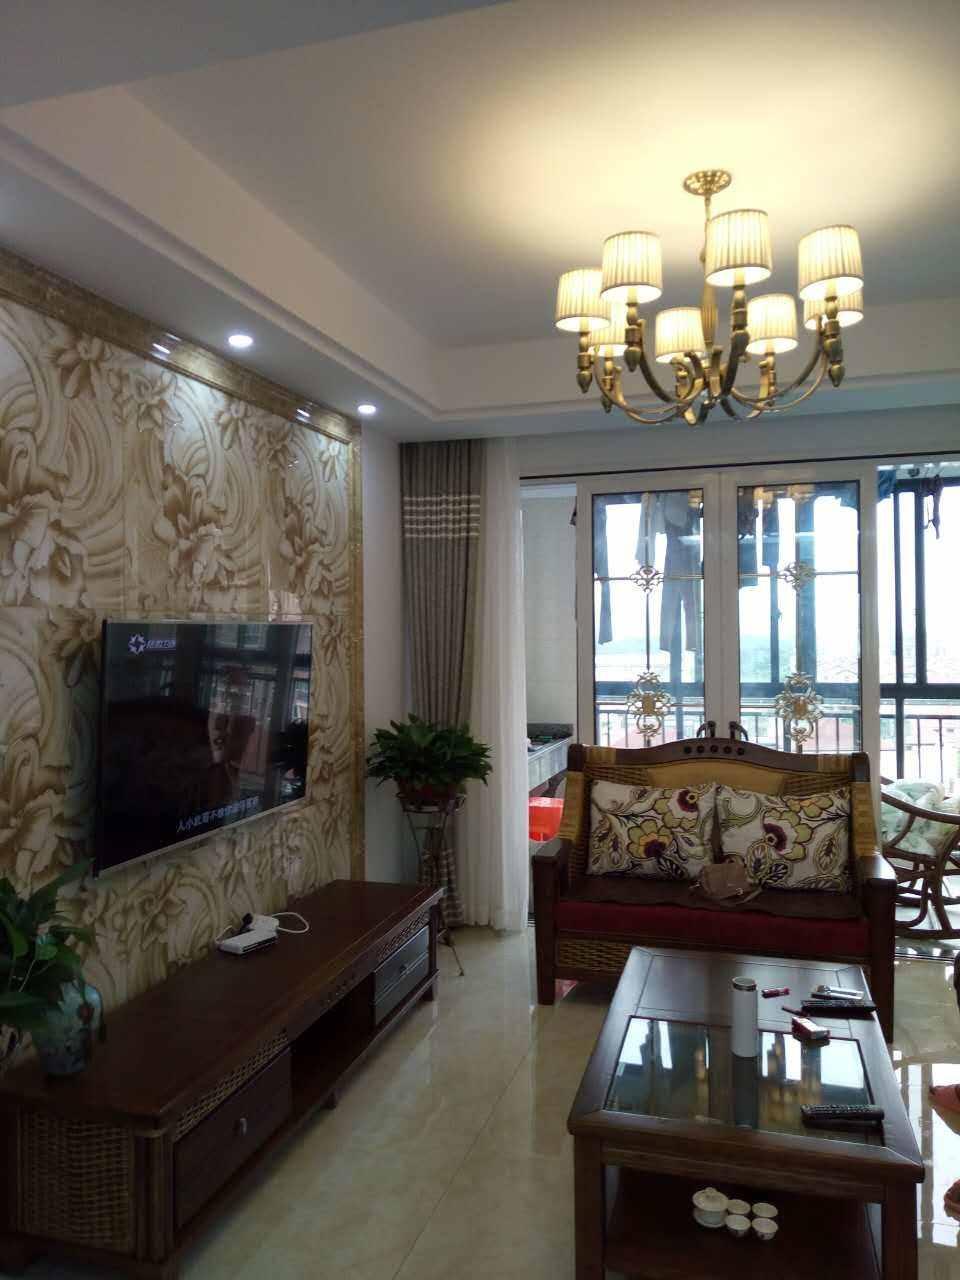 A06021出售城西万都公馆9/14楼,98平,3室2厅1卫,豪华装修,无空摊面积!江景电梯房,售价88万